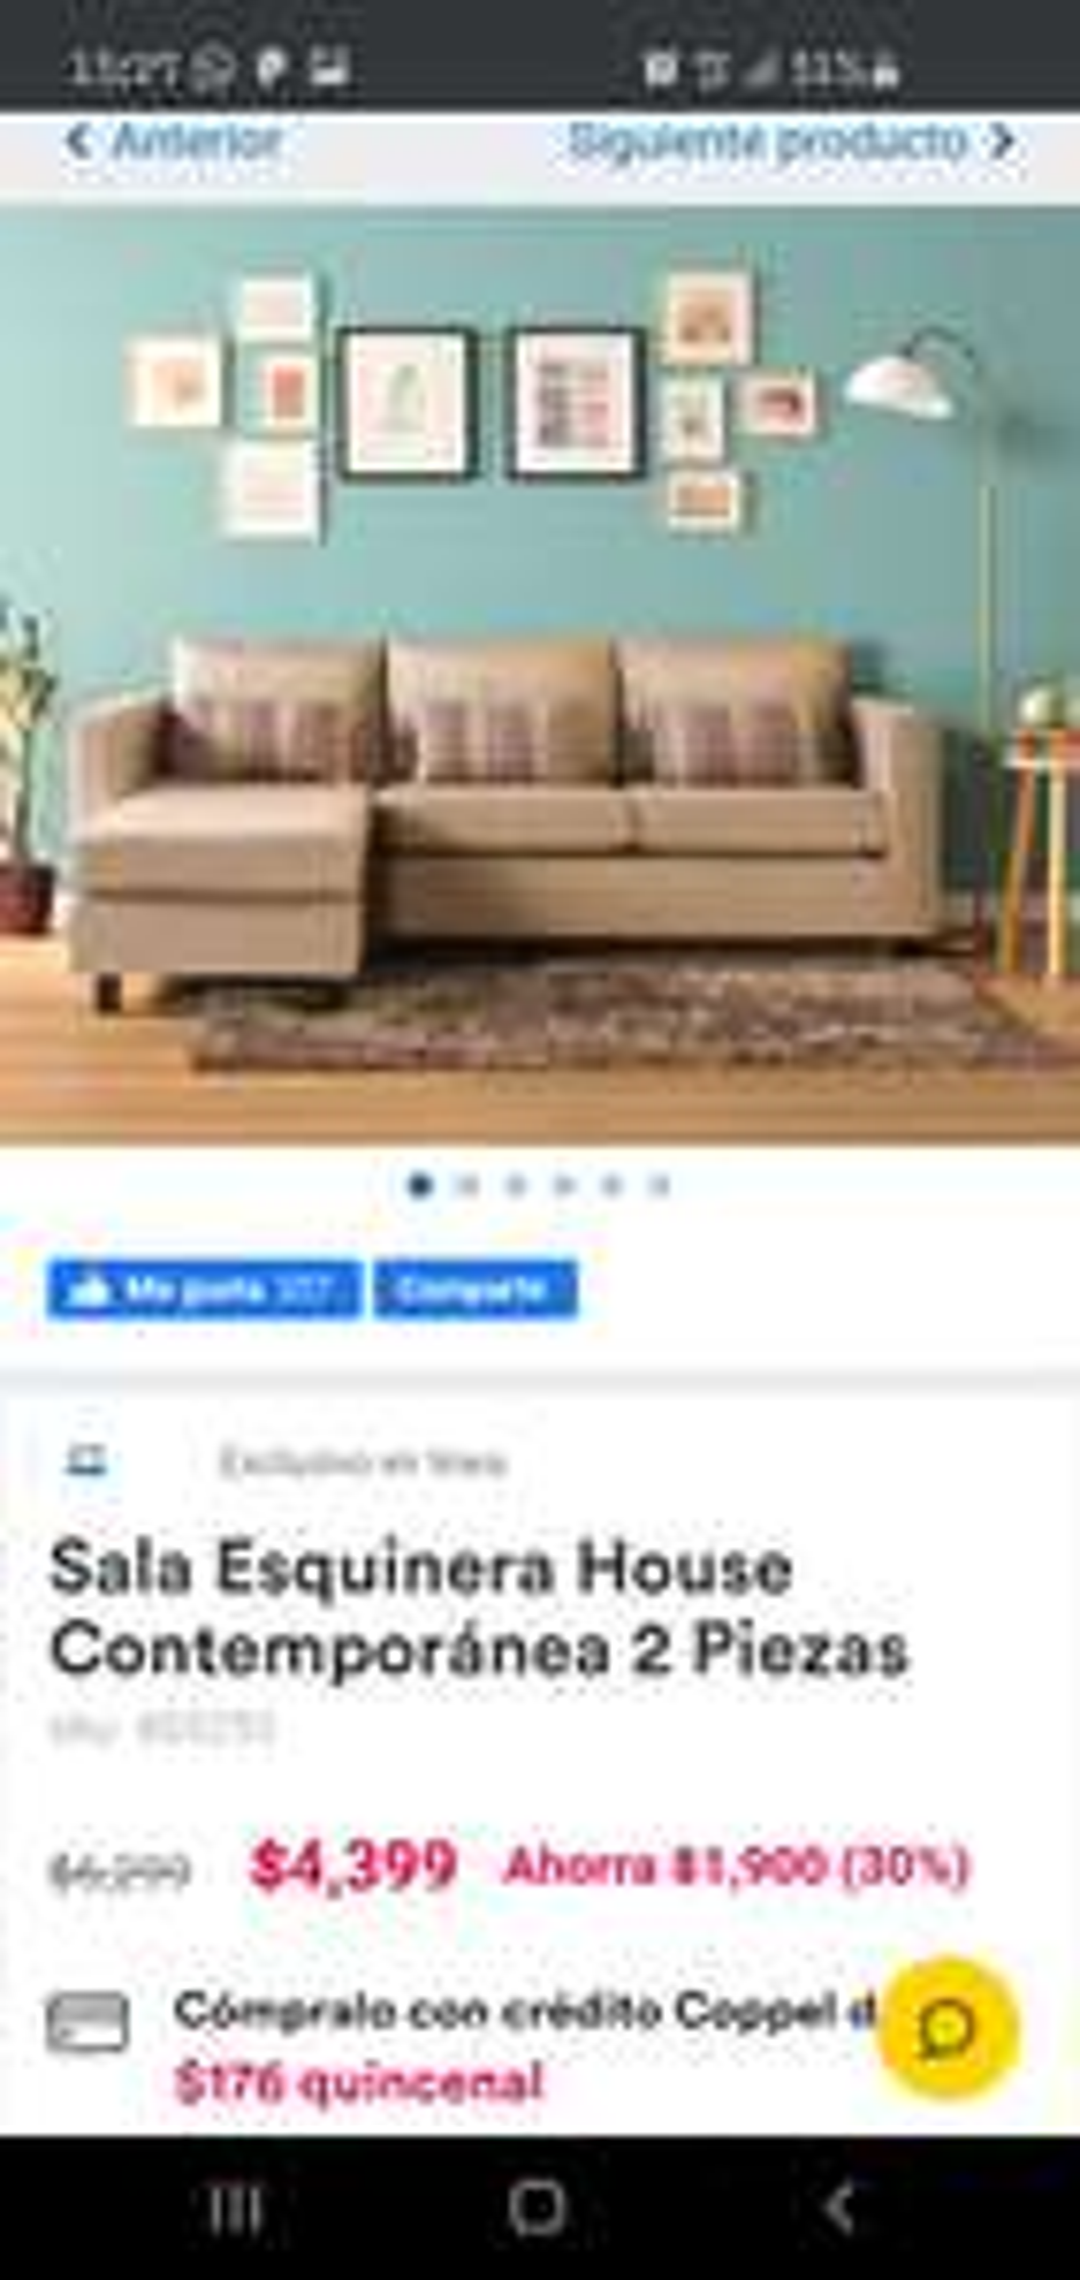 Coppel: Sala Esquinera House Contemporánea 2 Piezas